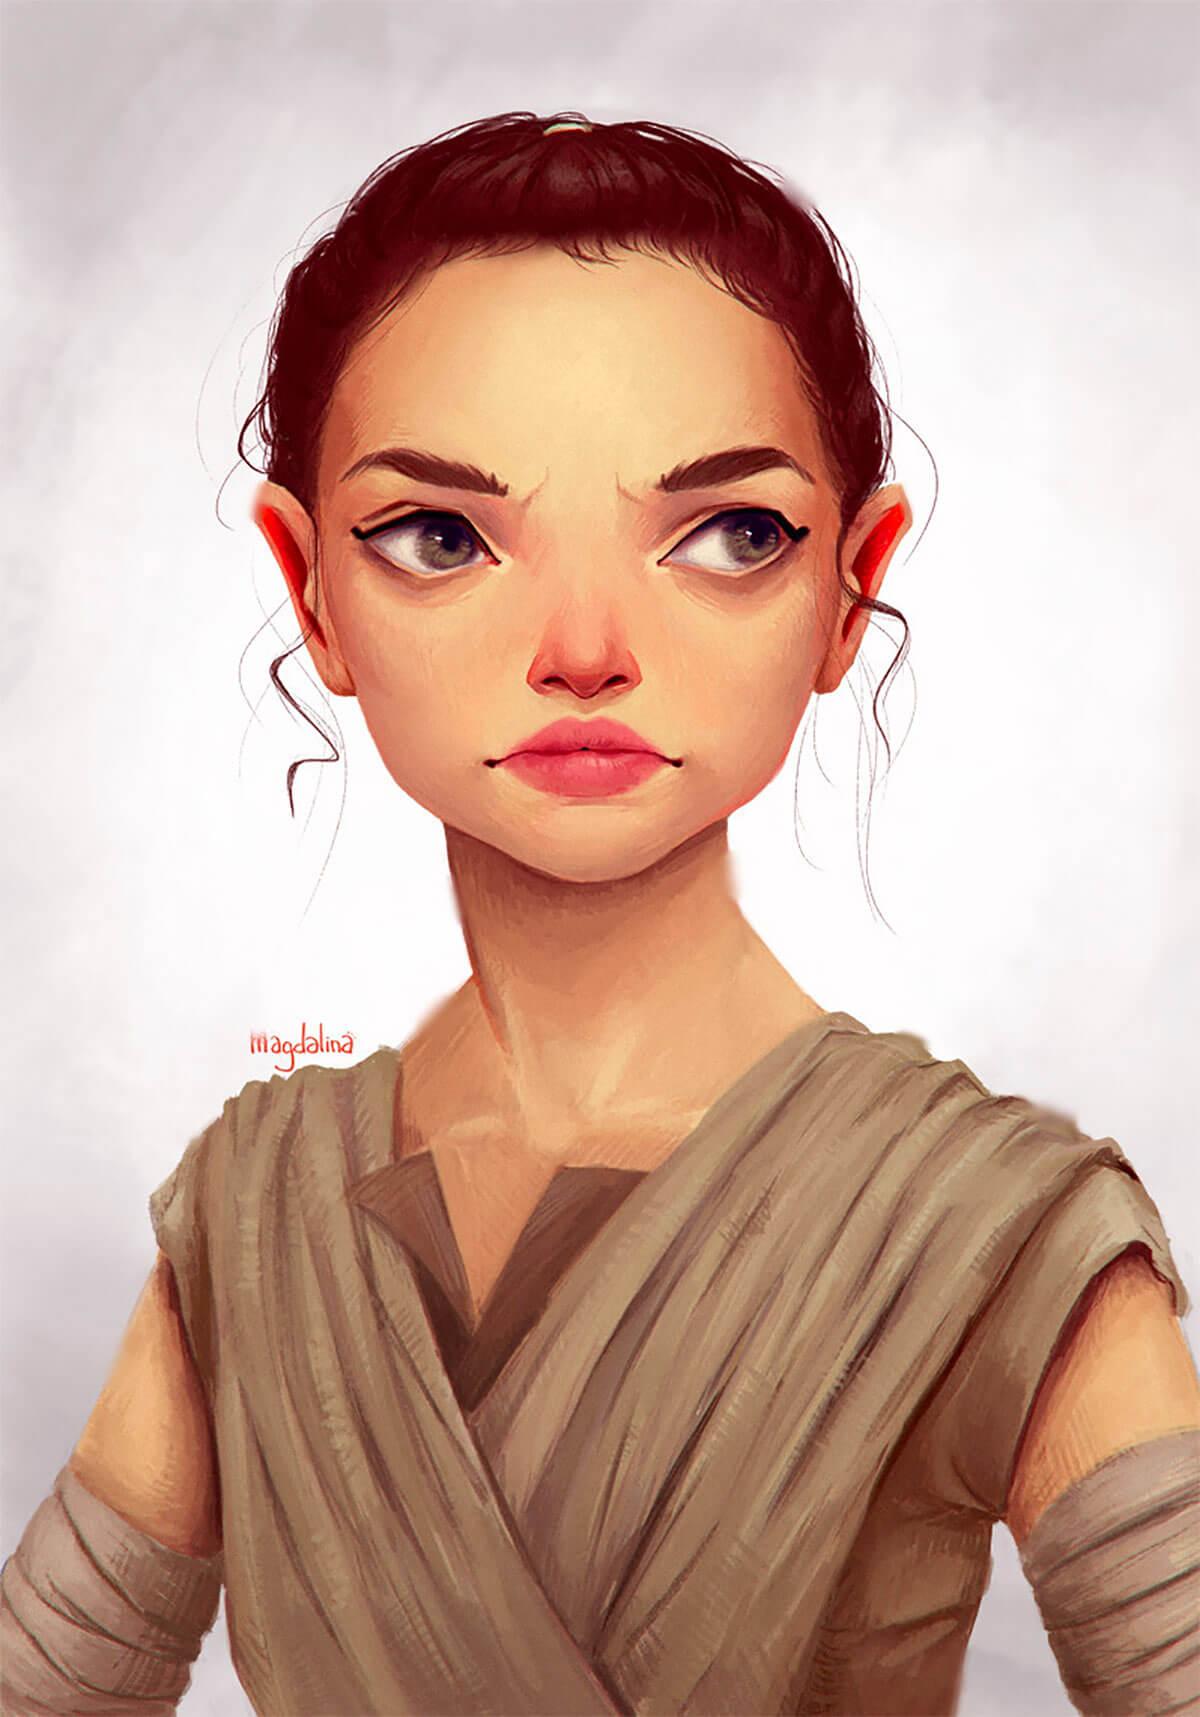 Rey Fanart by Magdalina Dianova